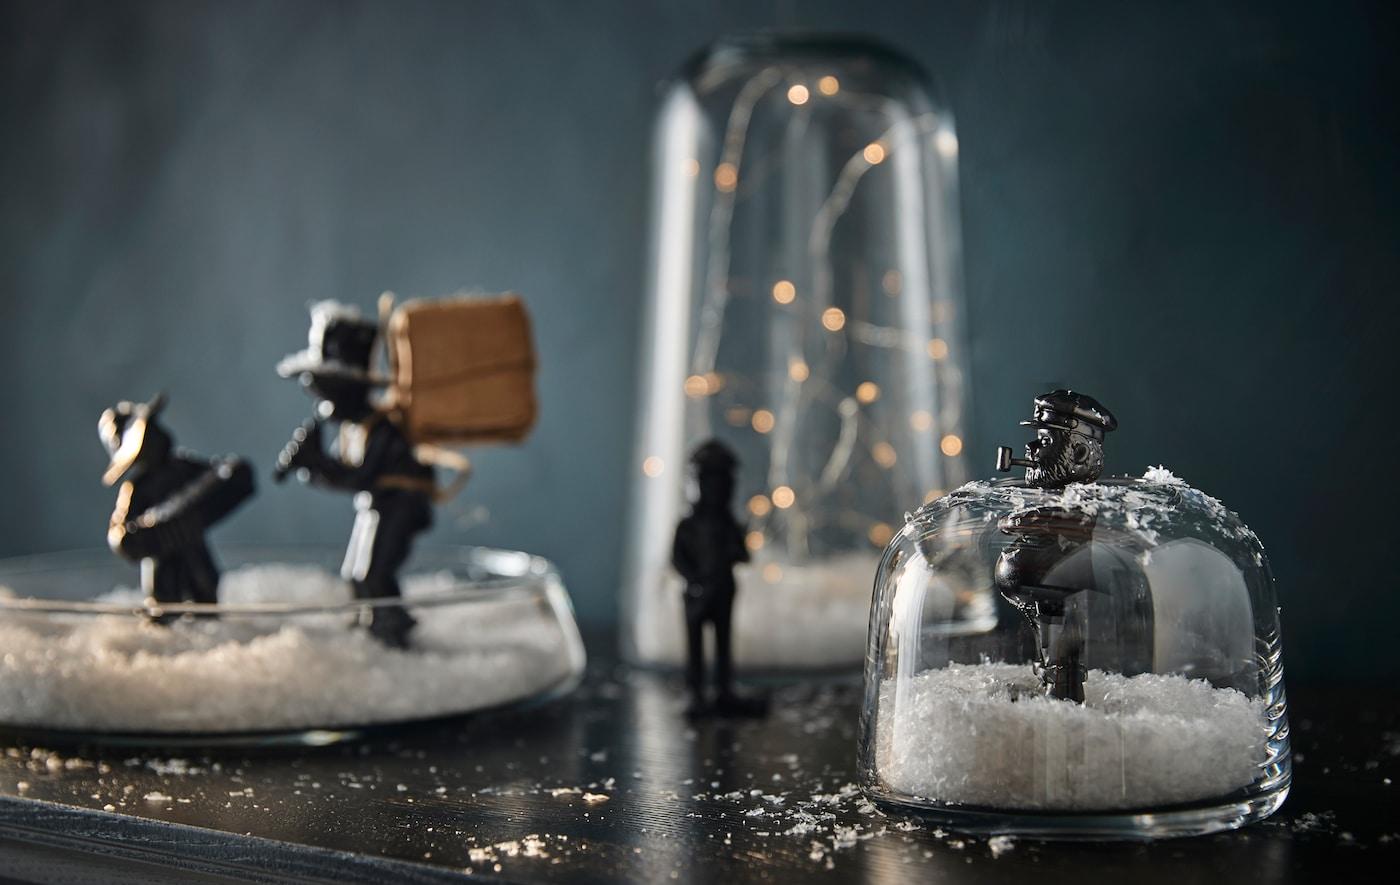 Procura novas ideias para decorar a sua sala neste Natal? Crie o seu próprio globo de neve utilizando um frasco. Na IKEA, encontra vários frascos e jarras, como a jarra/porta-lamparinas VINTER 2017, em vidro incolor.